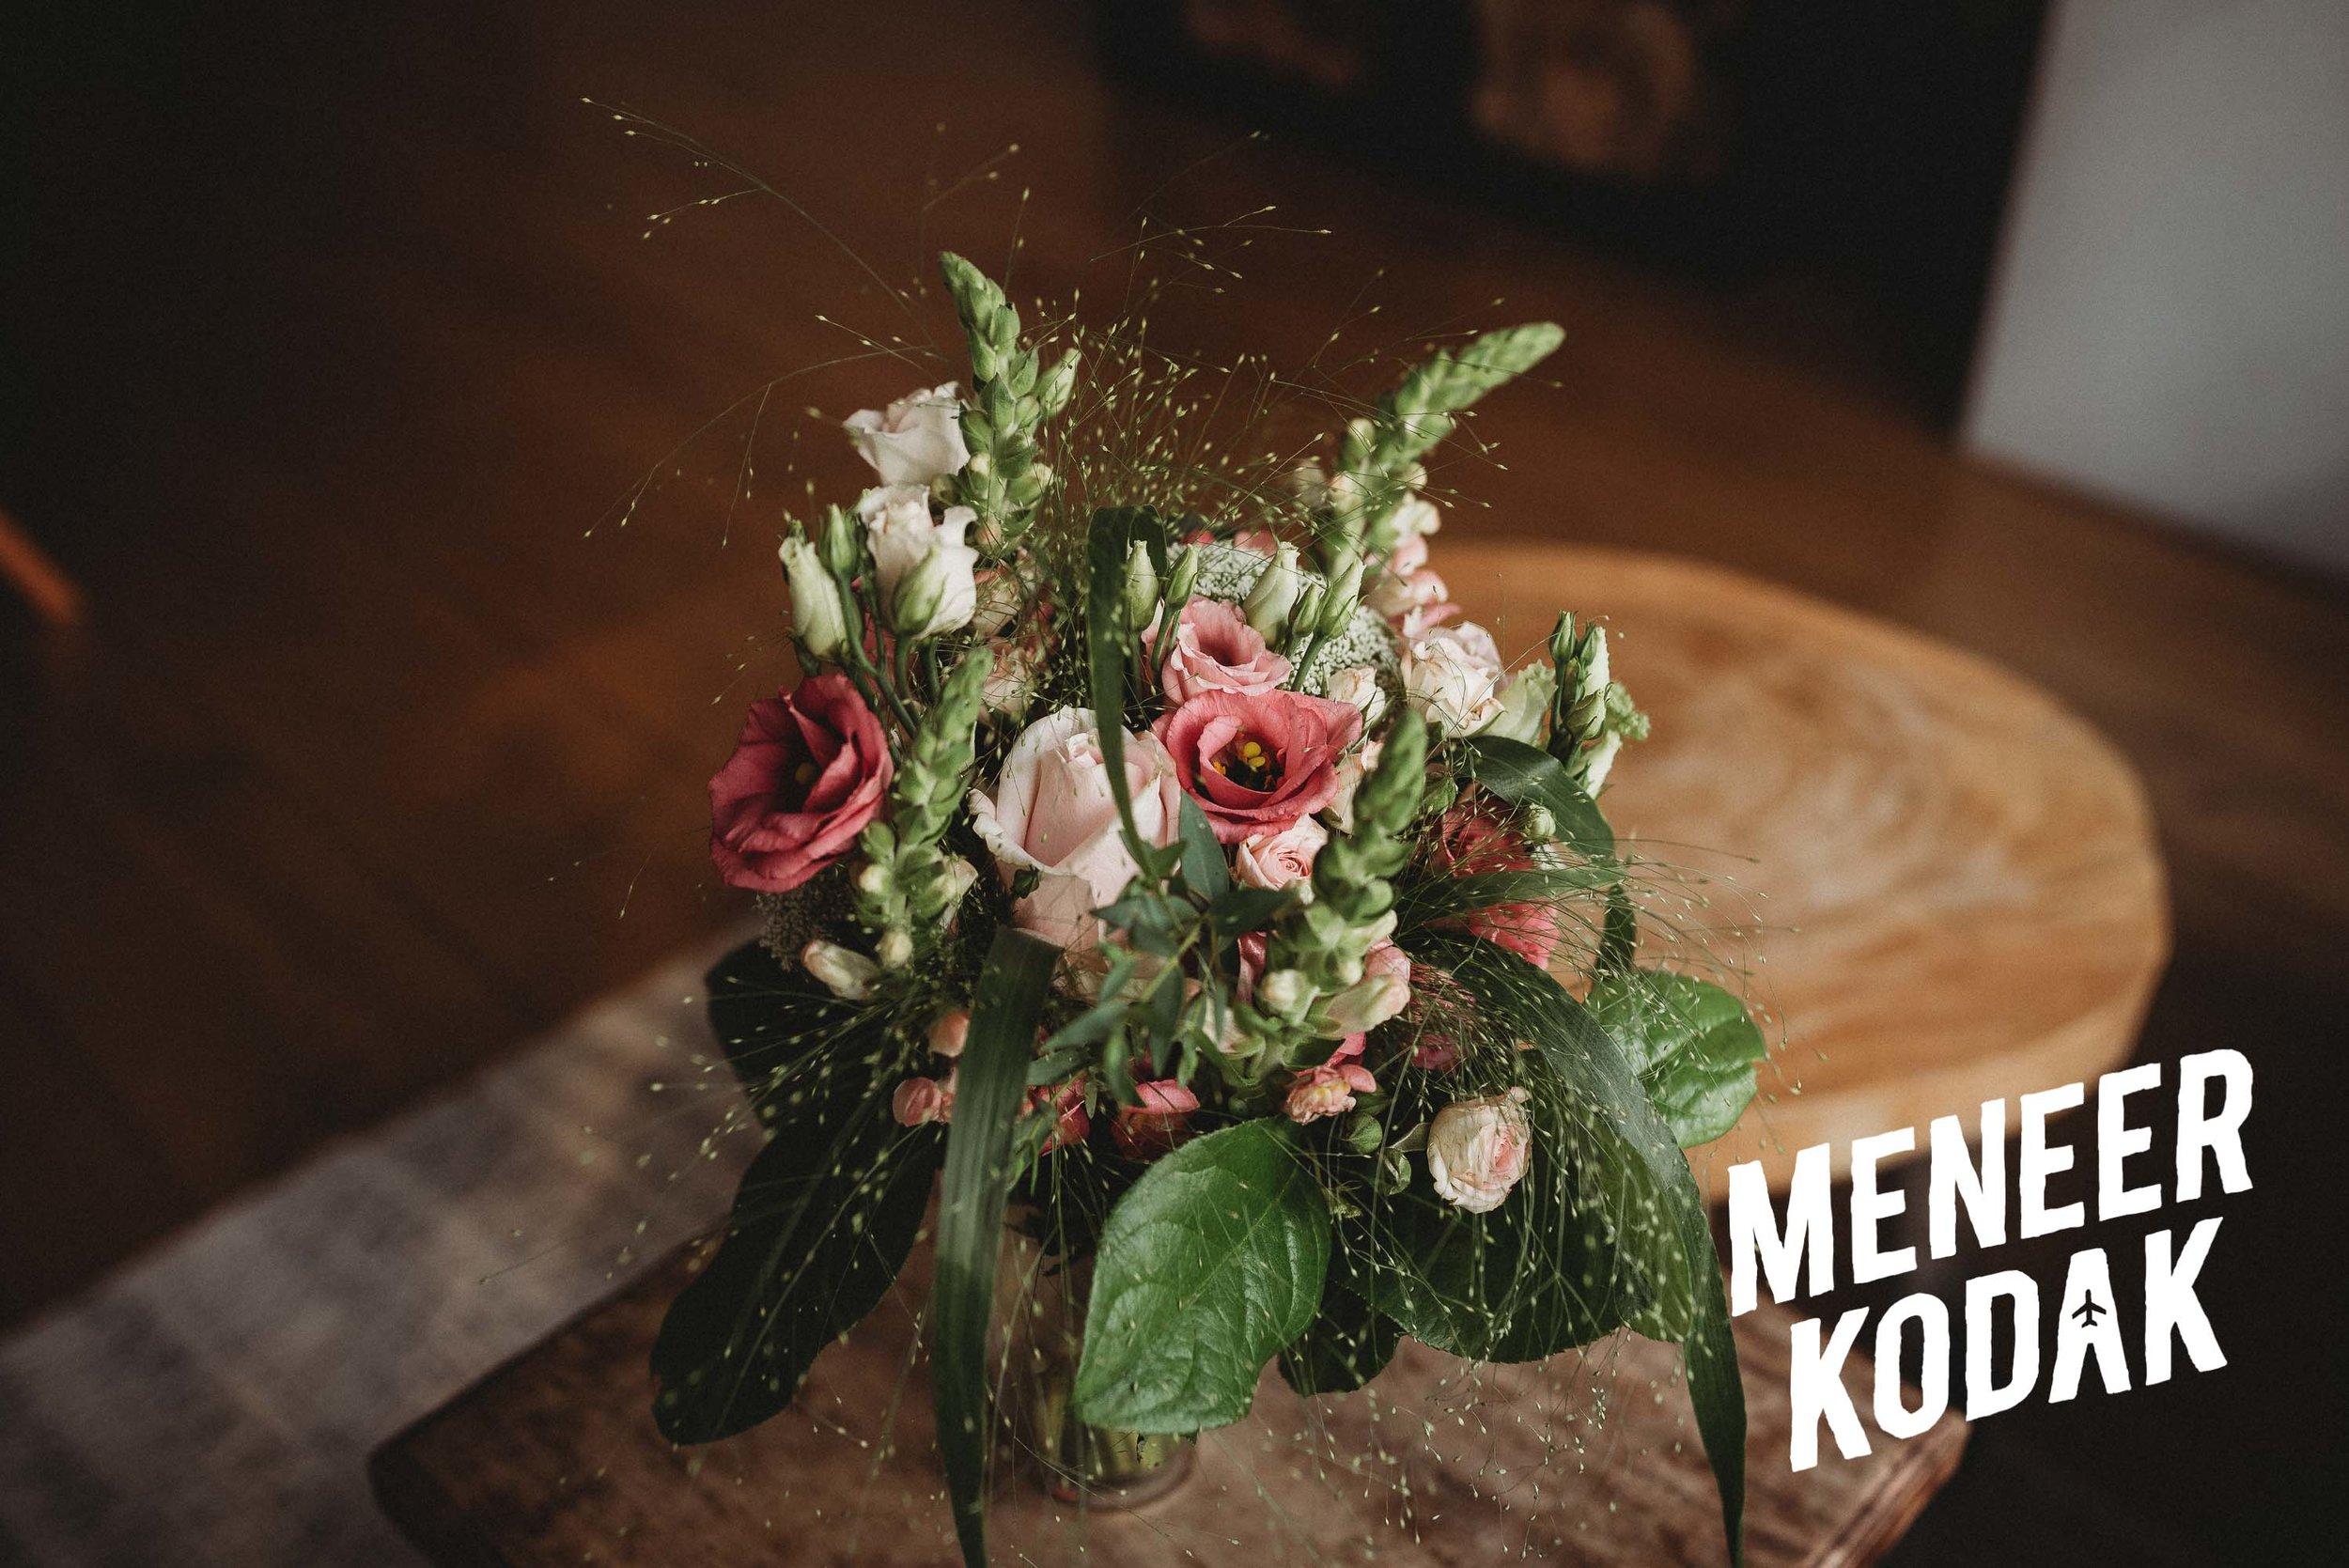 Meneer Kodak - Trouwfotograaf - Amsterdam - H&T-011.jpg